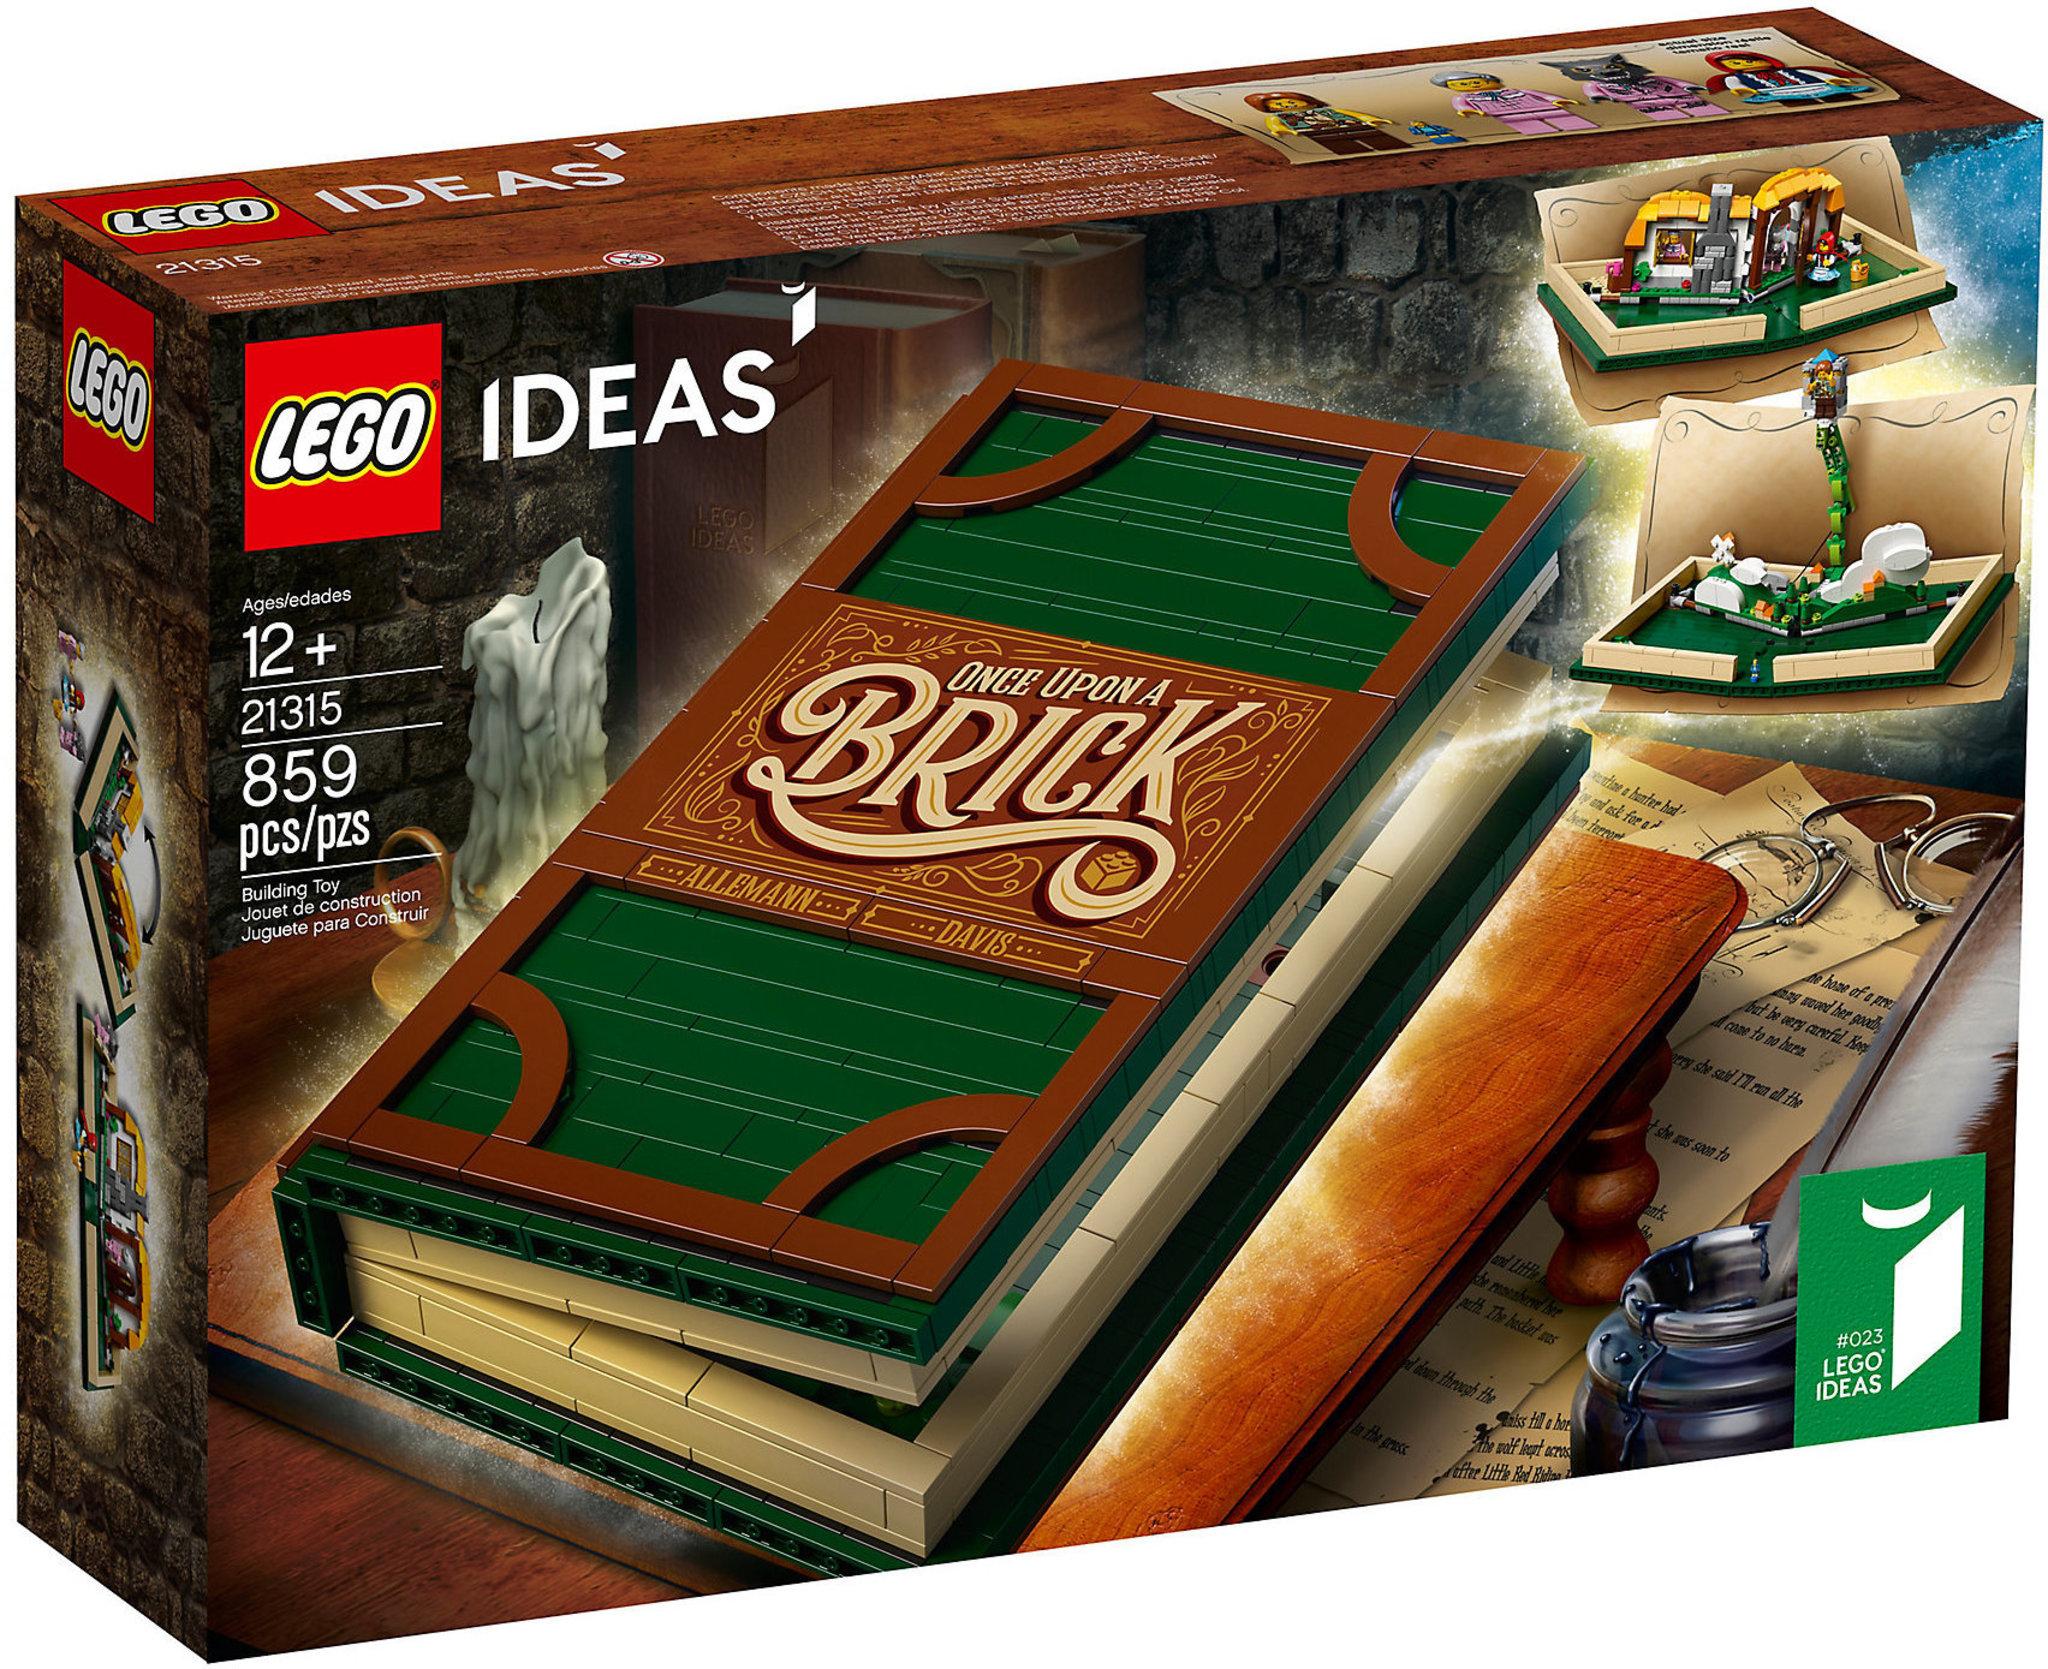 Lego Ideas 21315 Pop Up Book Mattonito